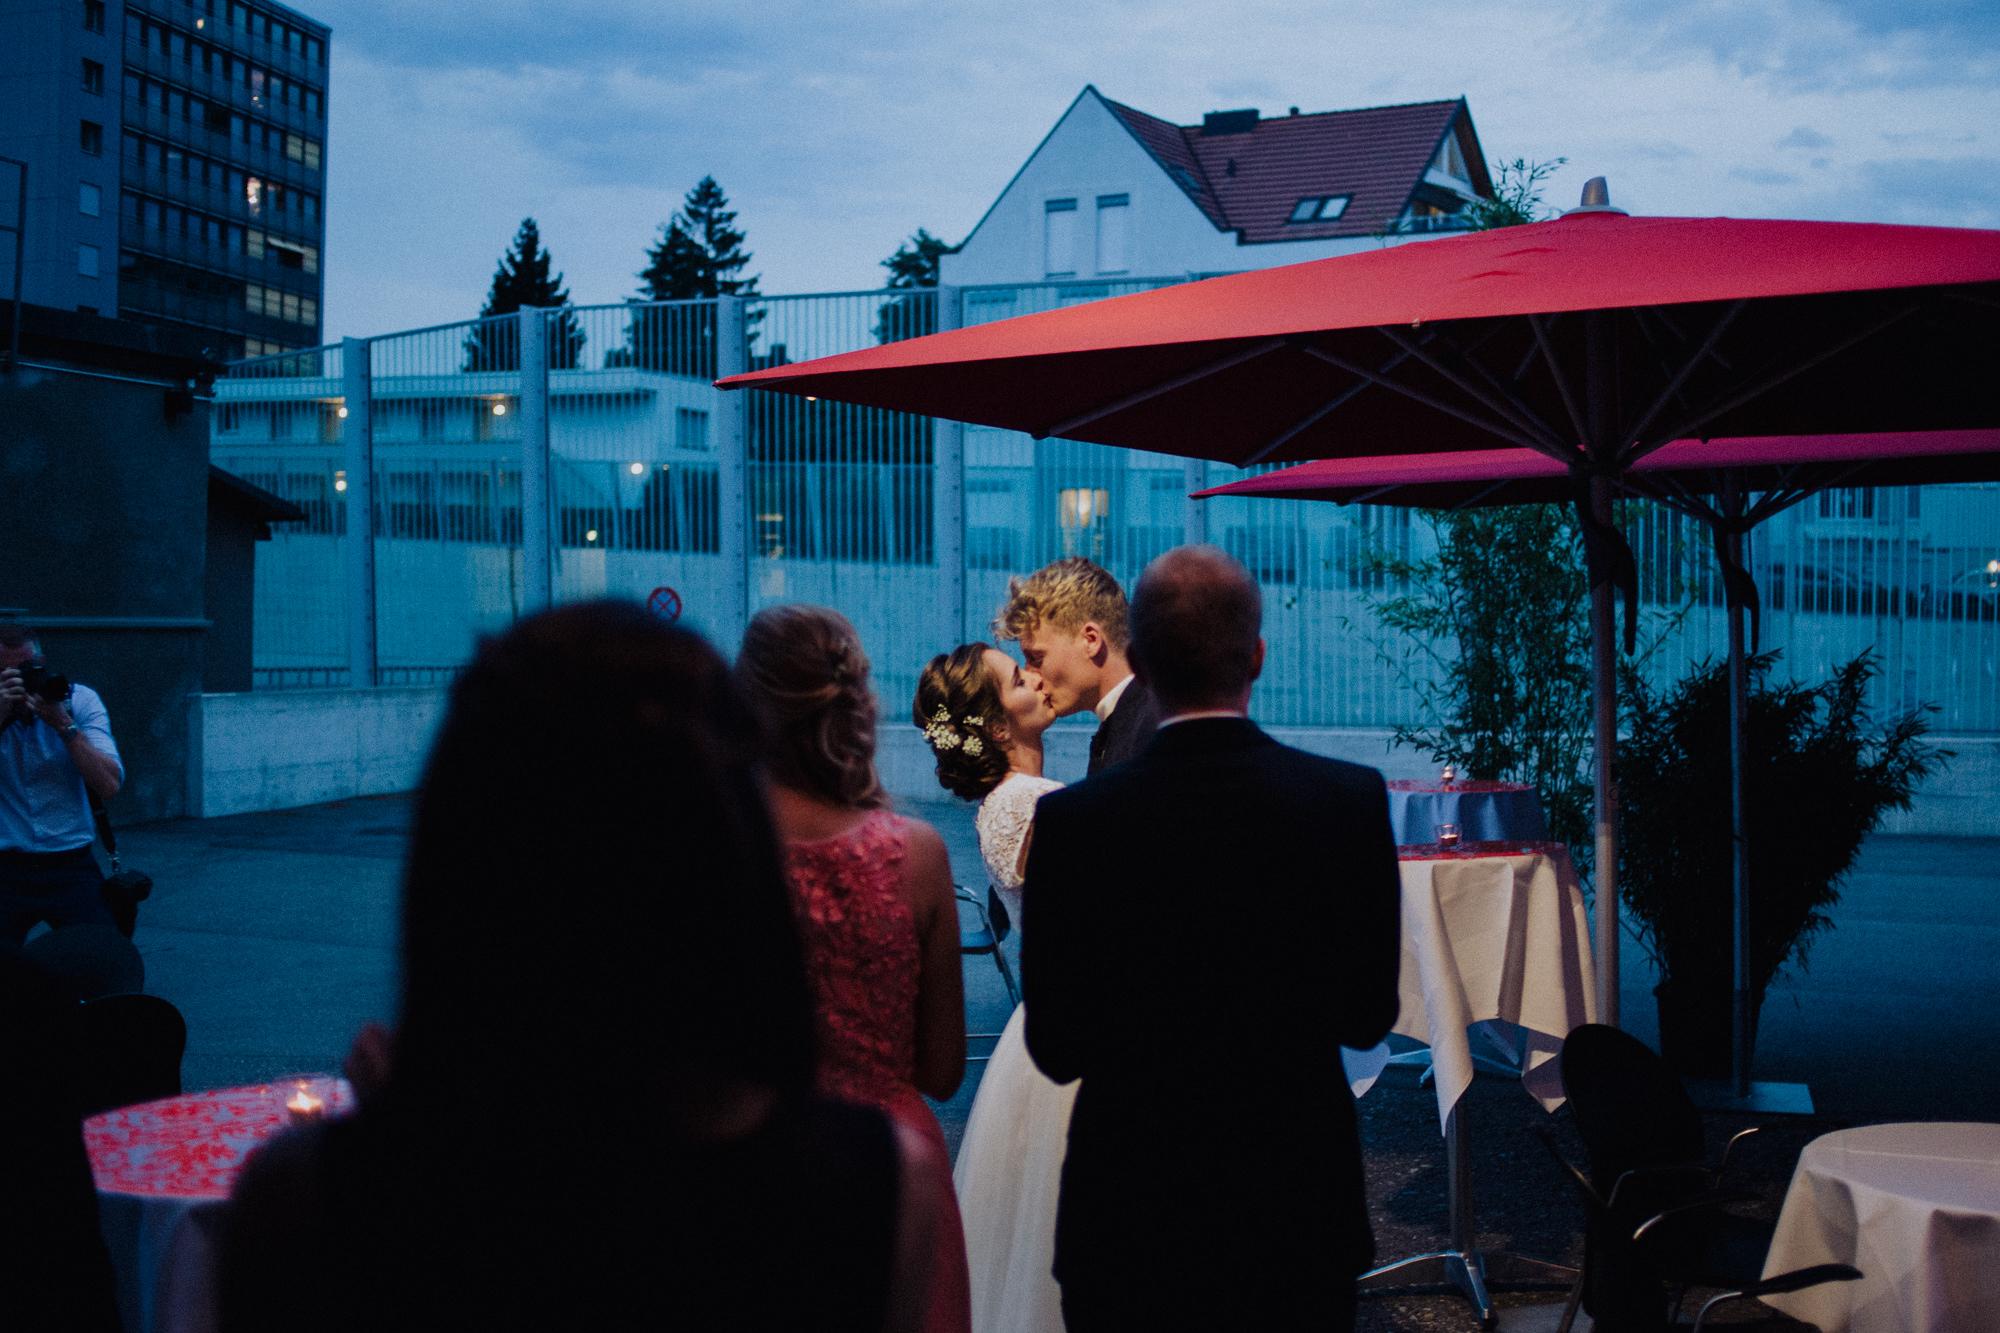 Joni&Aurelia_Wedding_DieGiesserei_Zurich_ManonPauffinPhotography__MG_3597_LOres